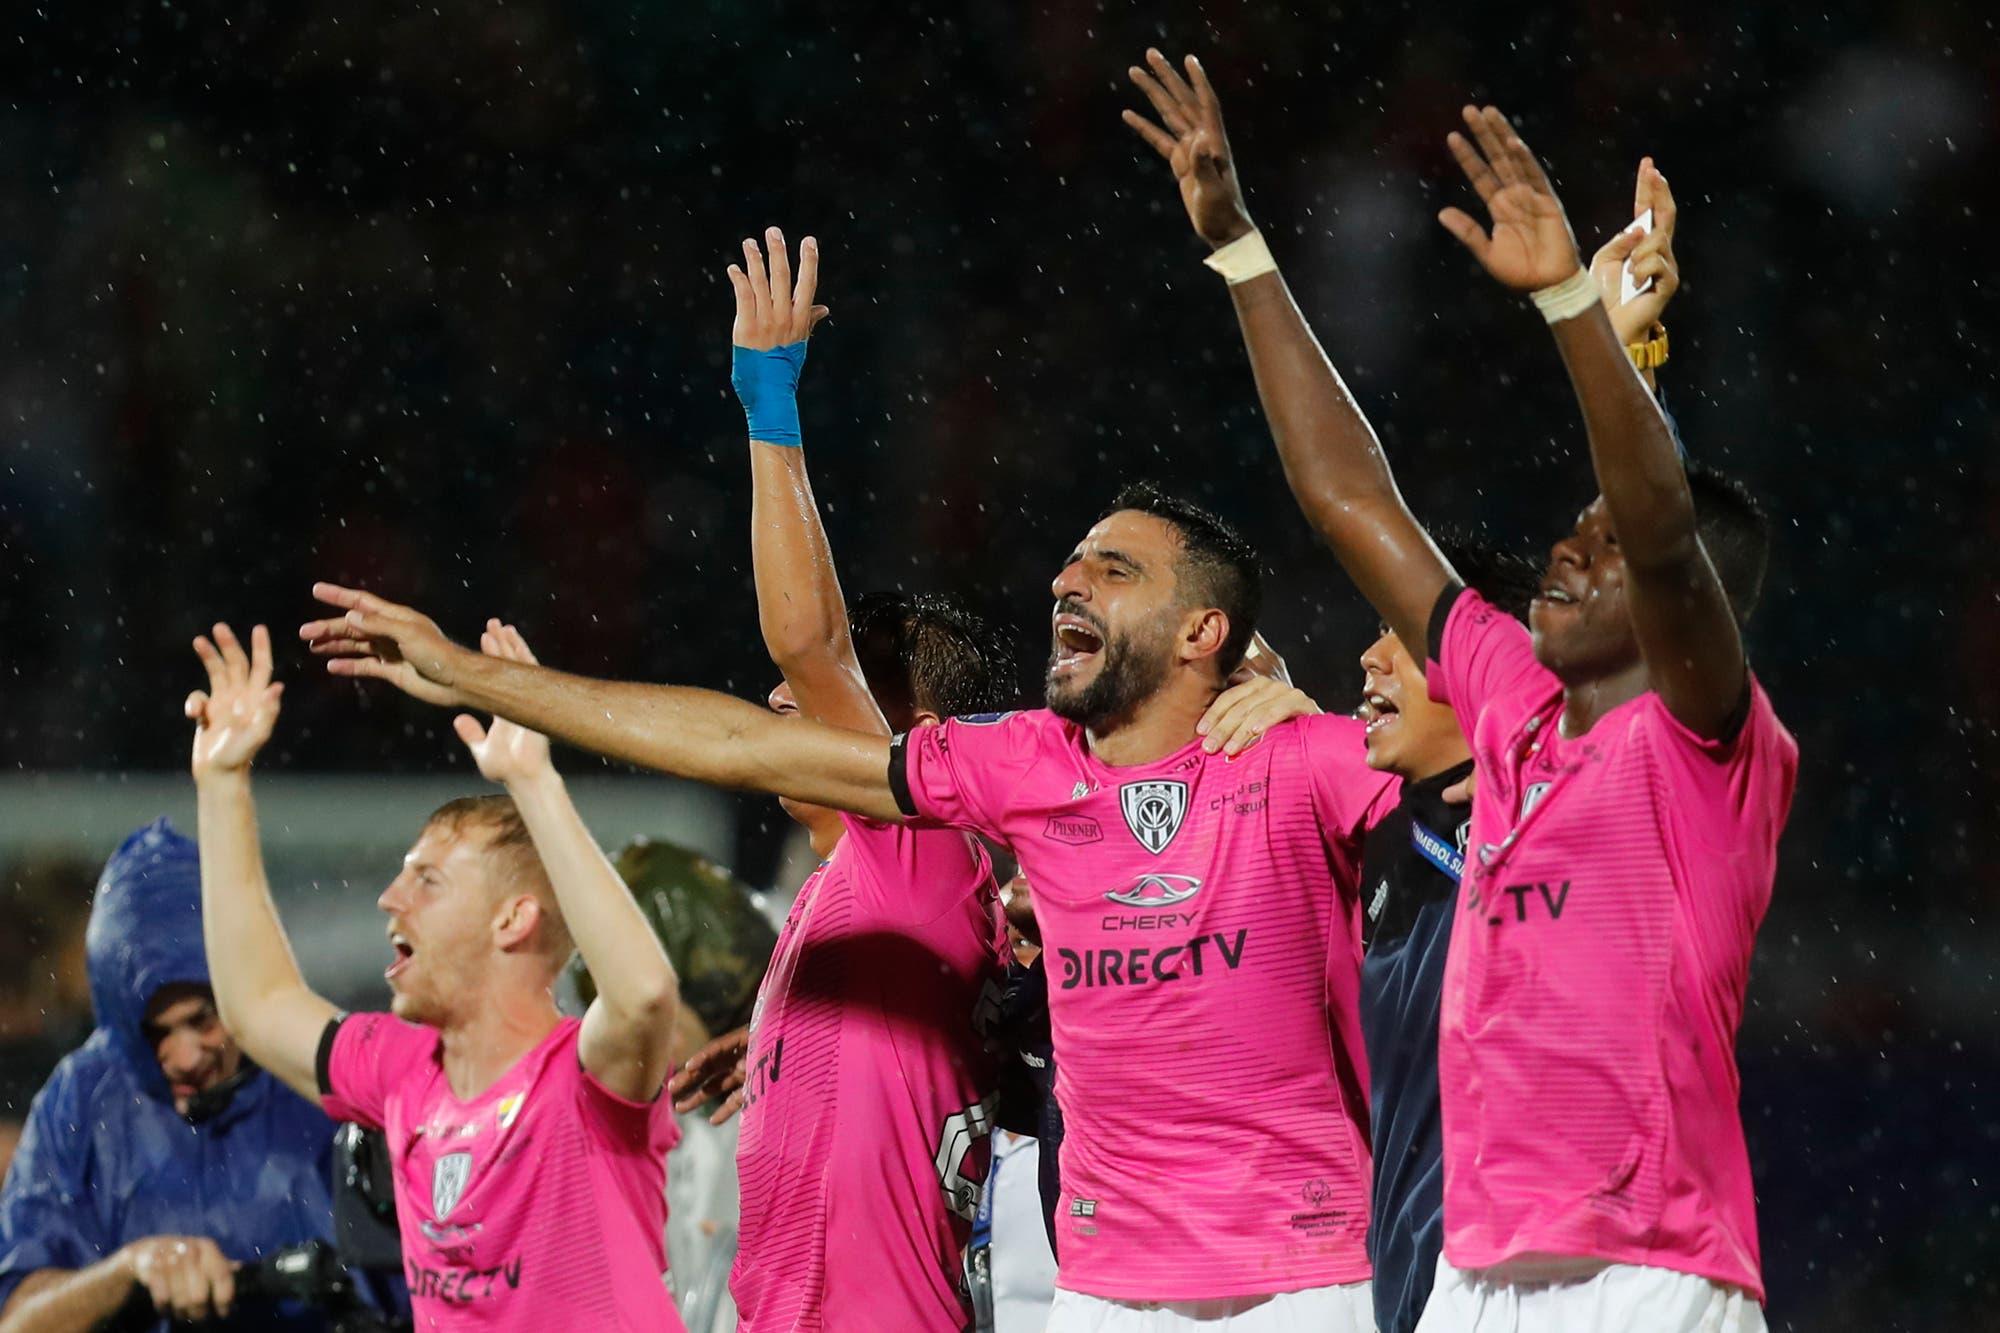 En un final dramático, Colón perdió 3 a 1 ante Independiente del Valle y no pudo ganar la Copa Sudamericana